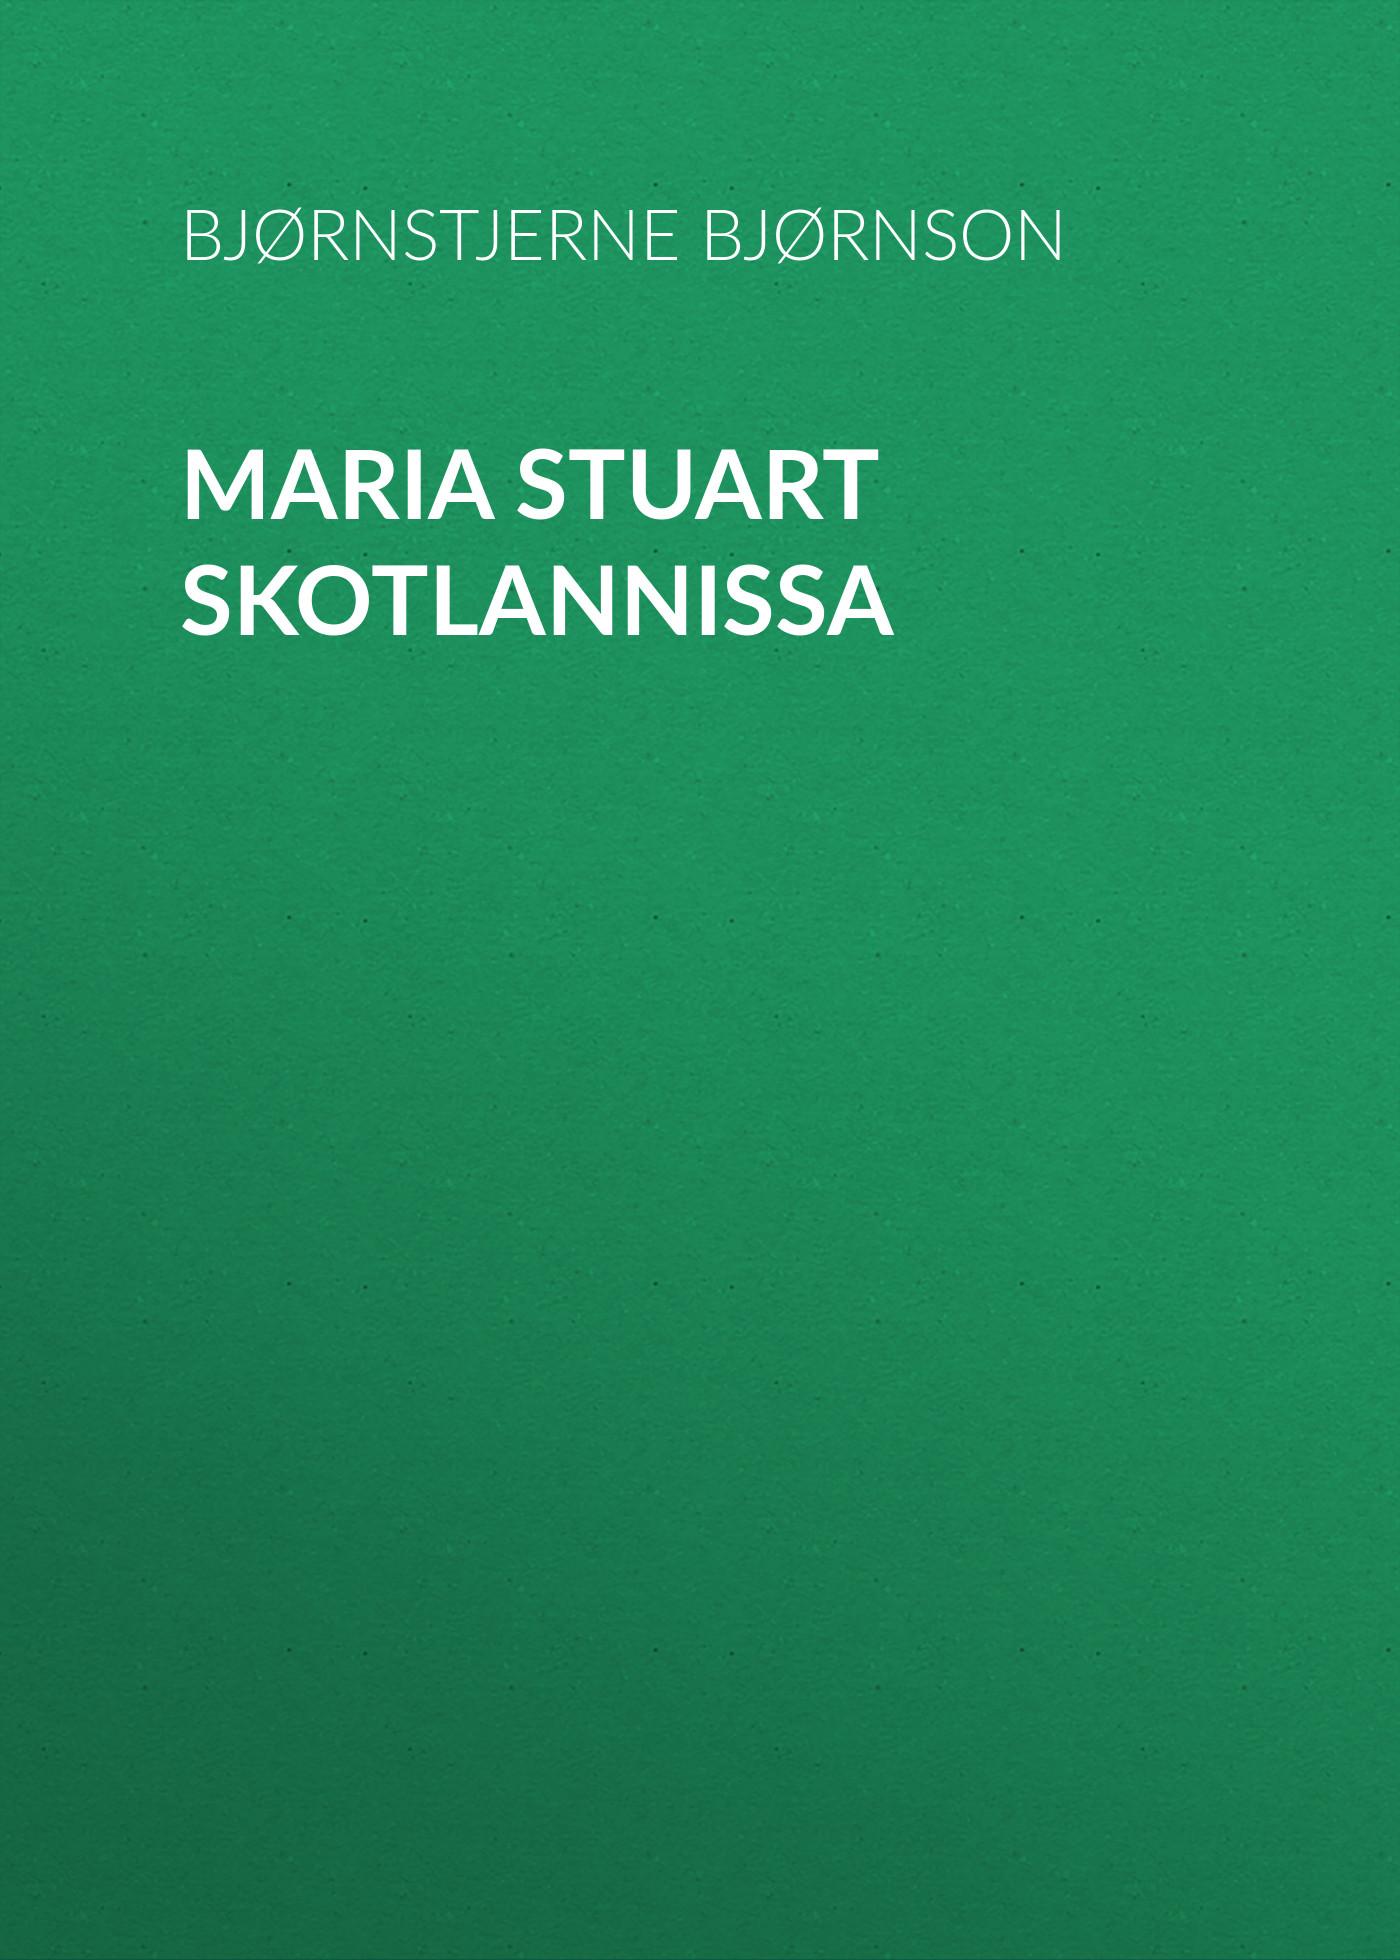 Bjørnstjerne Bjørnson Maria Stuart Skotlannissa